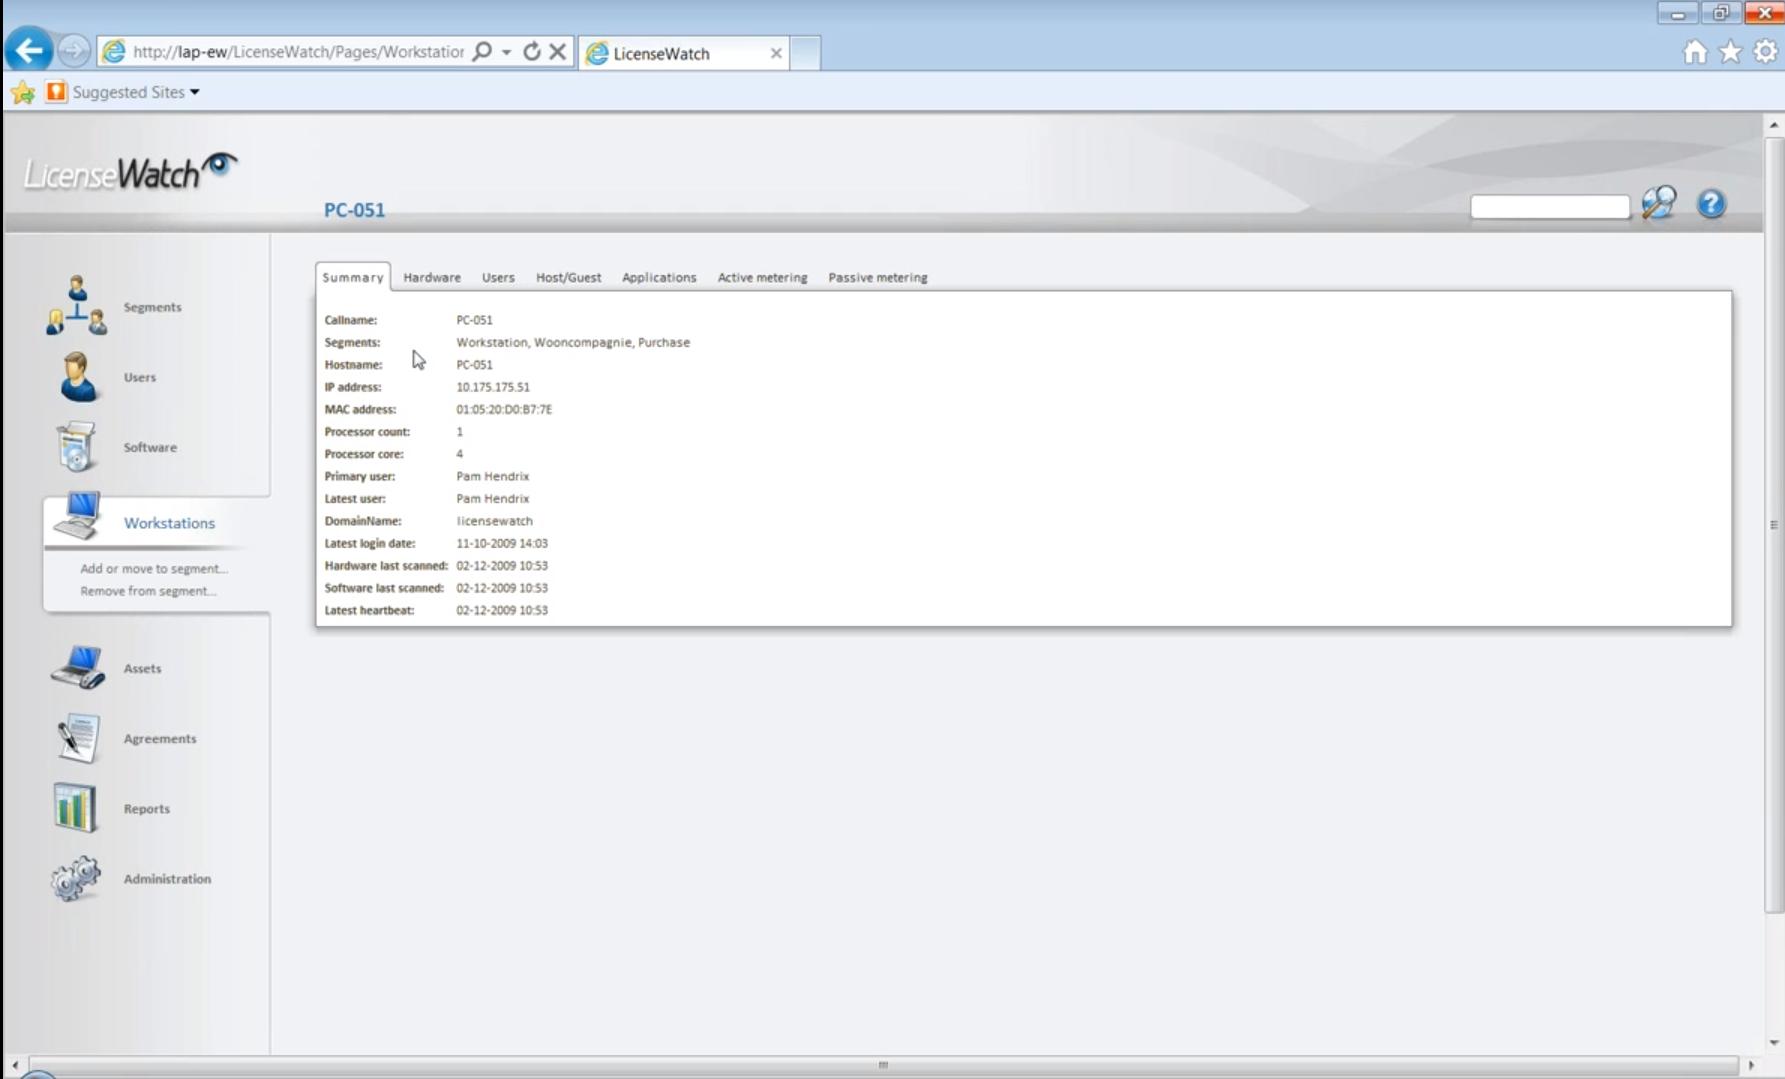 LicenseWatch workstation summary